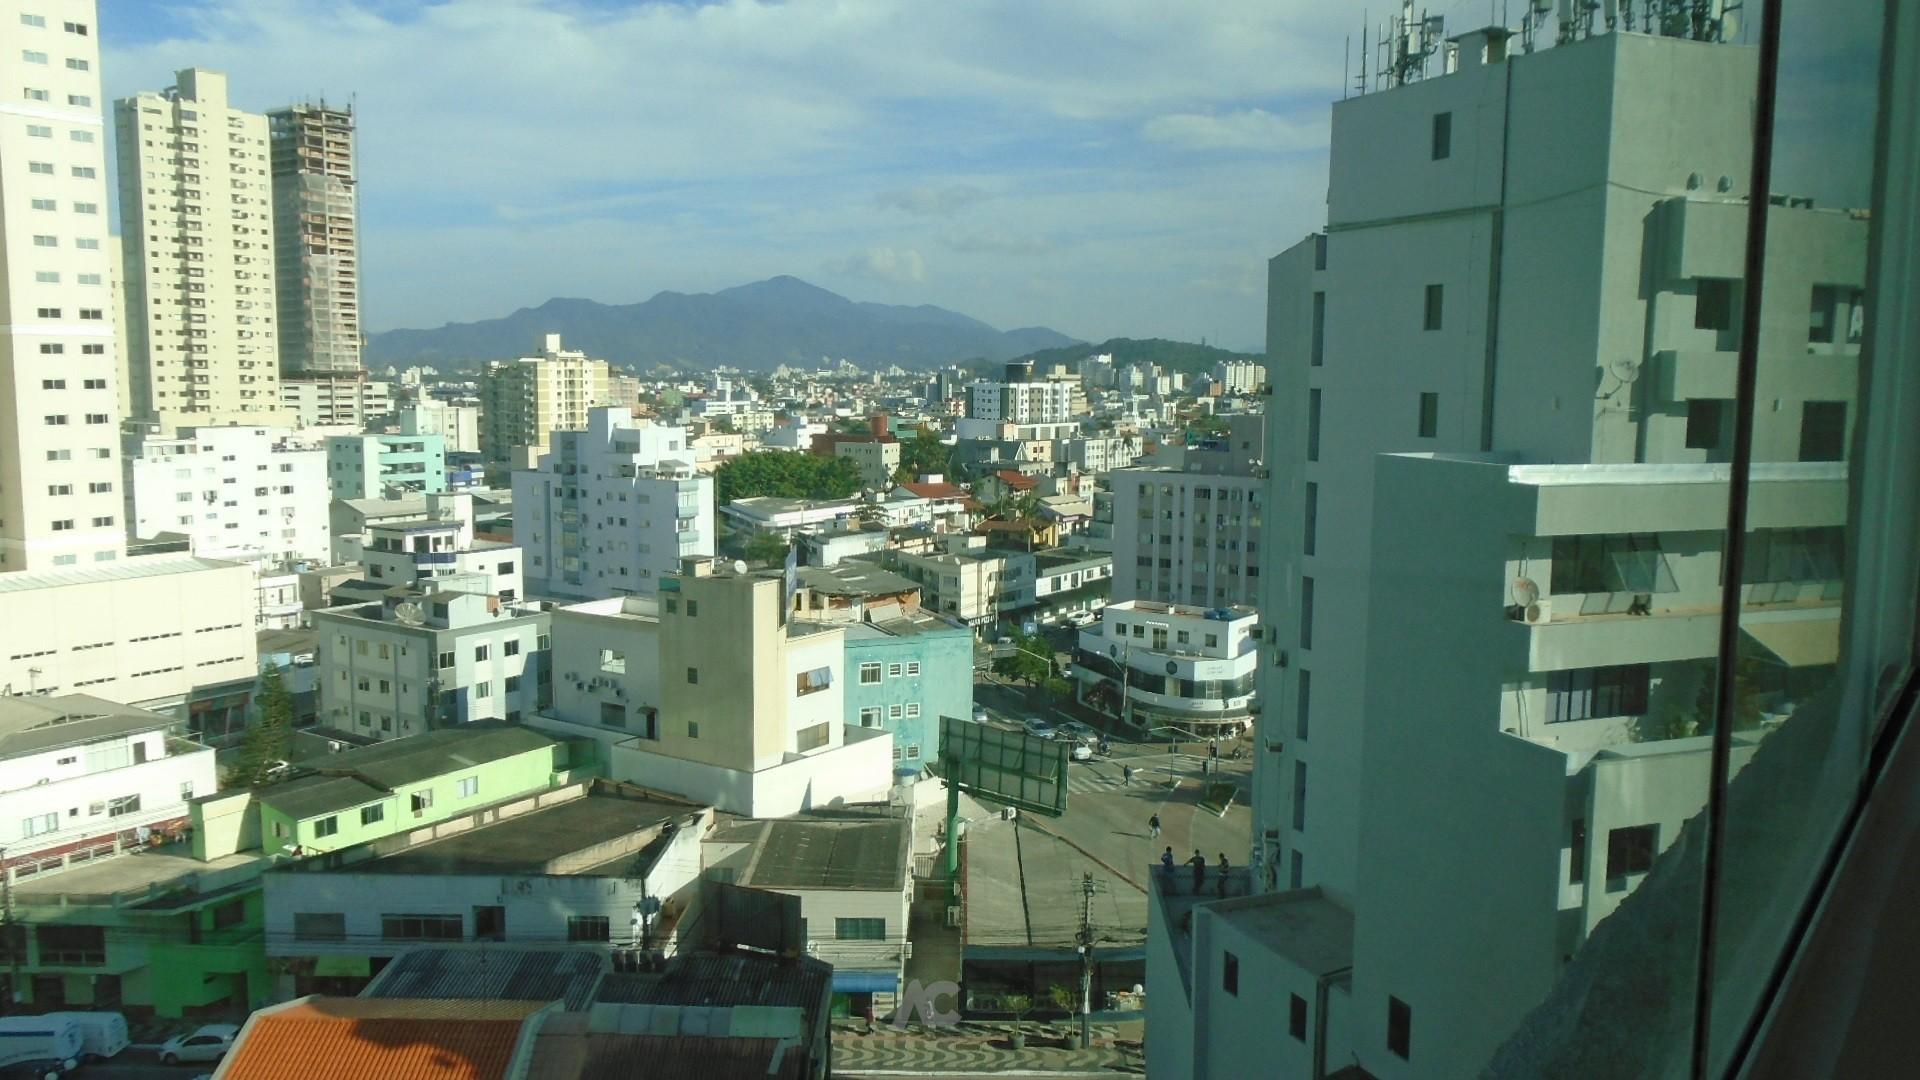 Vista para avenida central